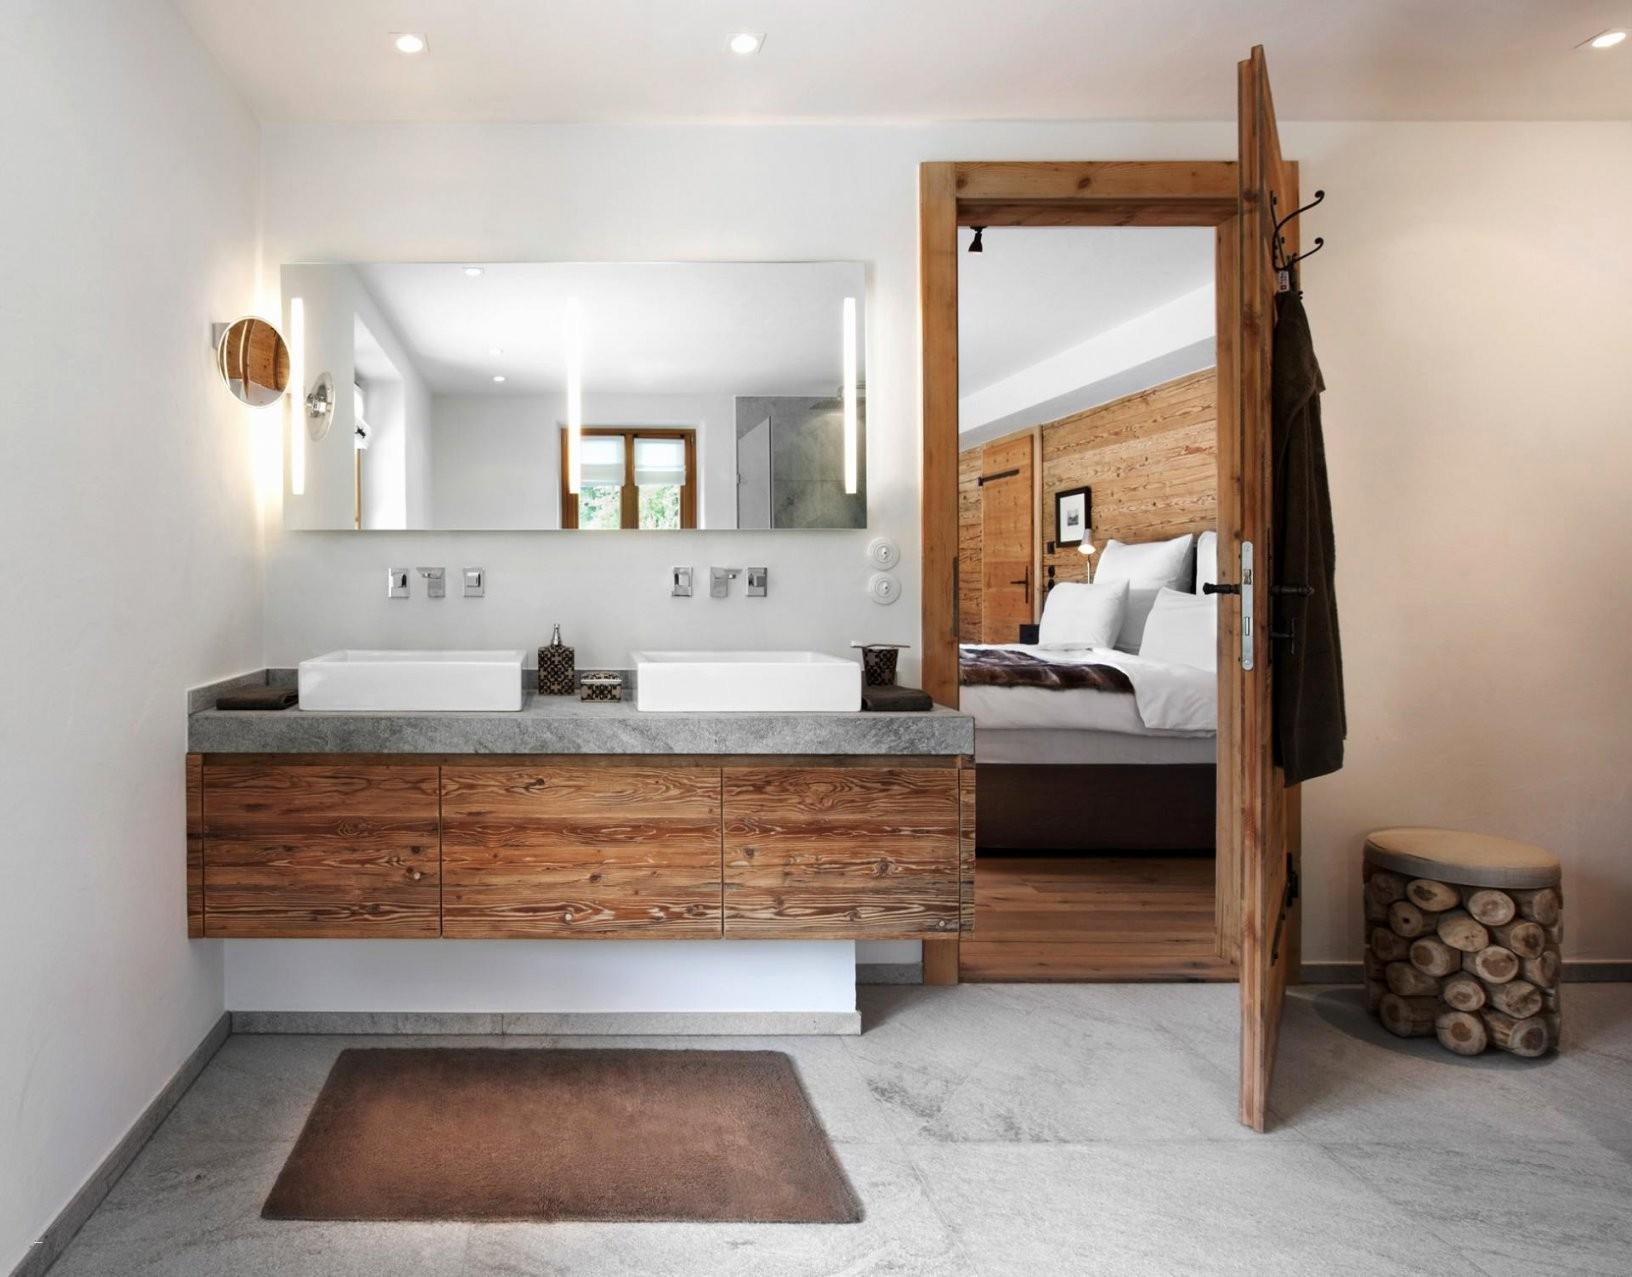 42 Aufnahme Badezimmer Renovieren Ideen  Eracollects von Badezimmer Umbau Fotos Ideen Photo